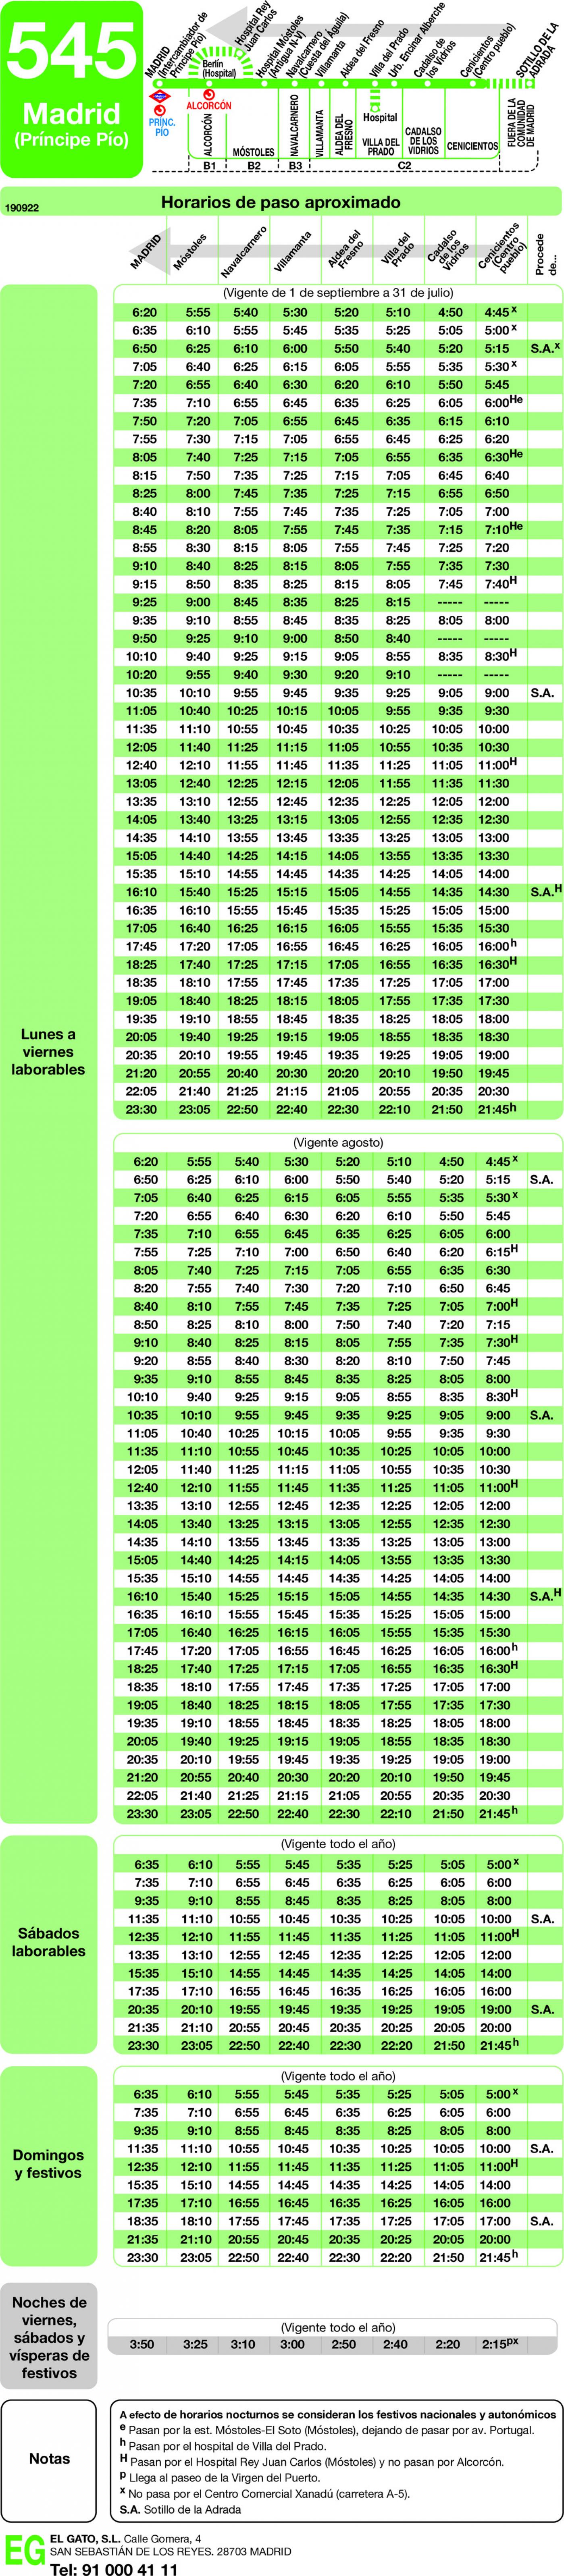 Tabla de horarios y frecuencias de paso en sentido vuelta Línea 545: Madrid (Príncipe Pío) - Cenicientos - Sotillo de la Adrada